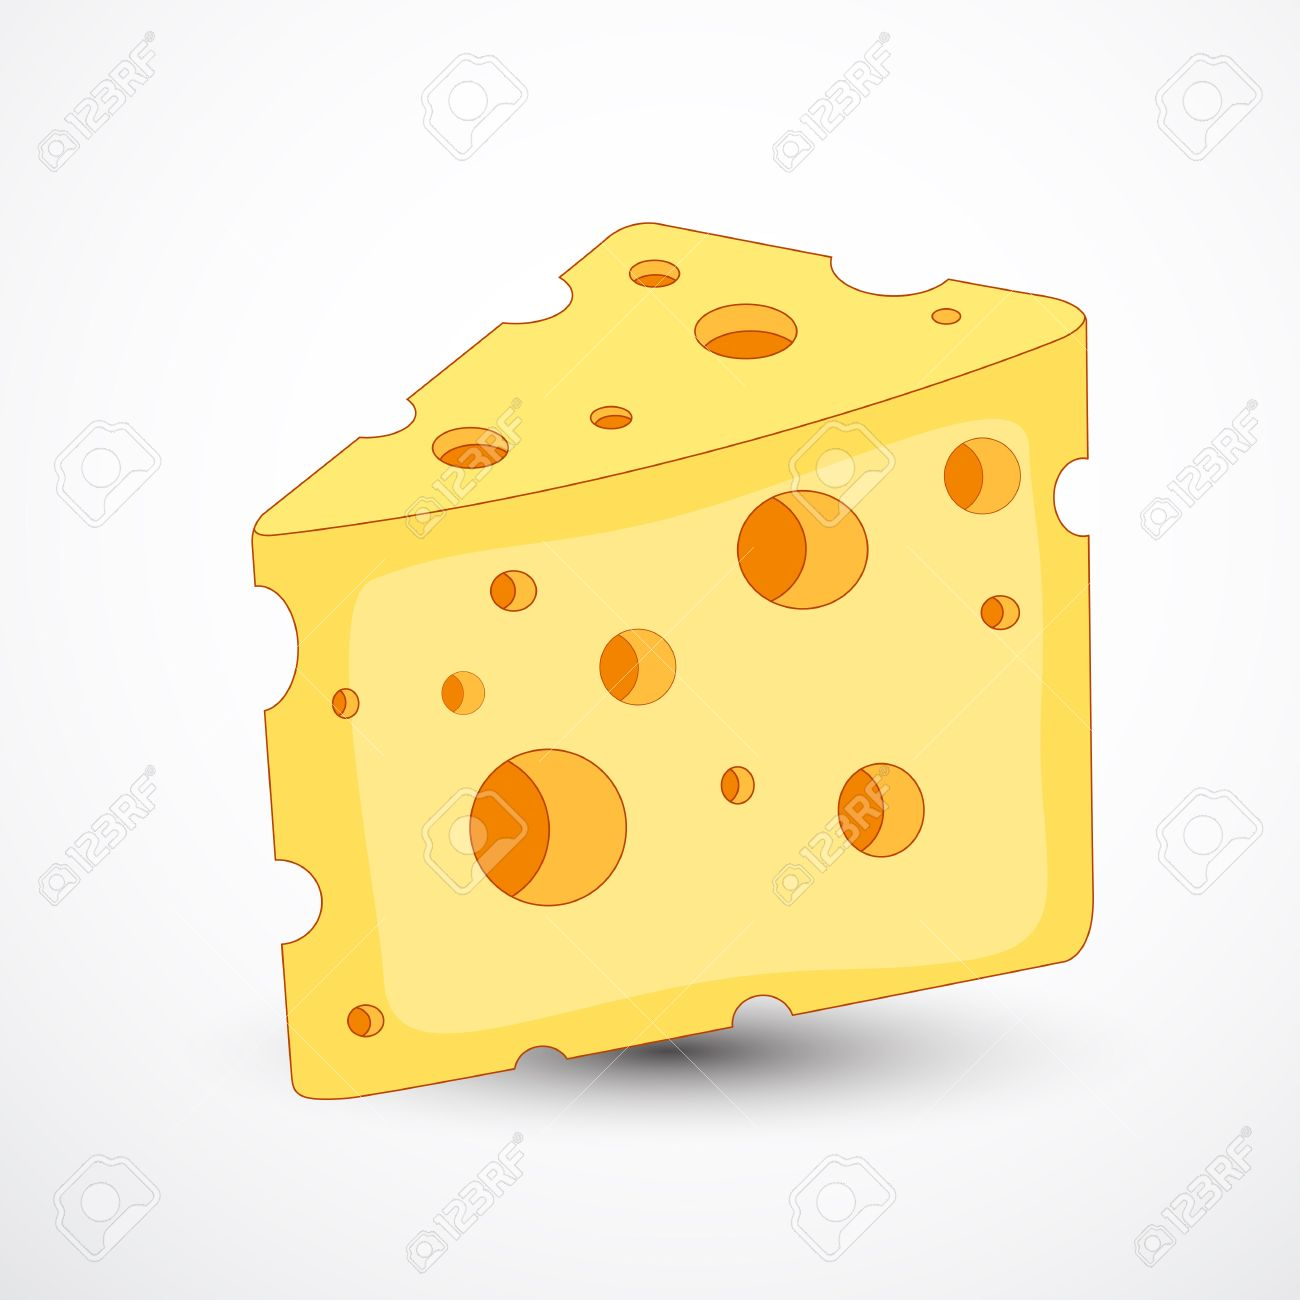 Cheese Vector Stock Vector - 12861574